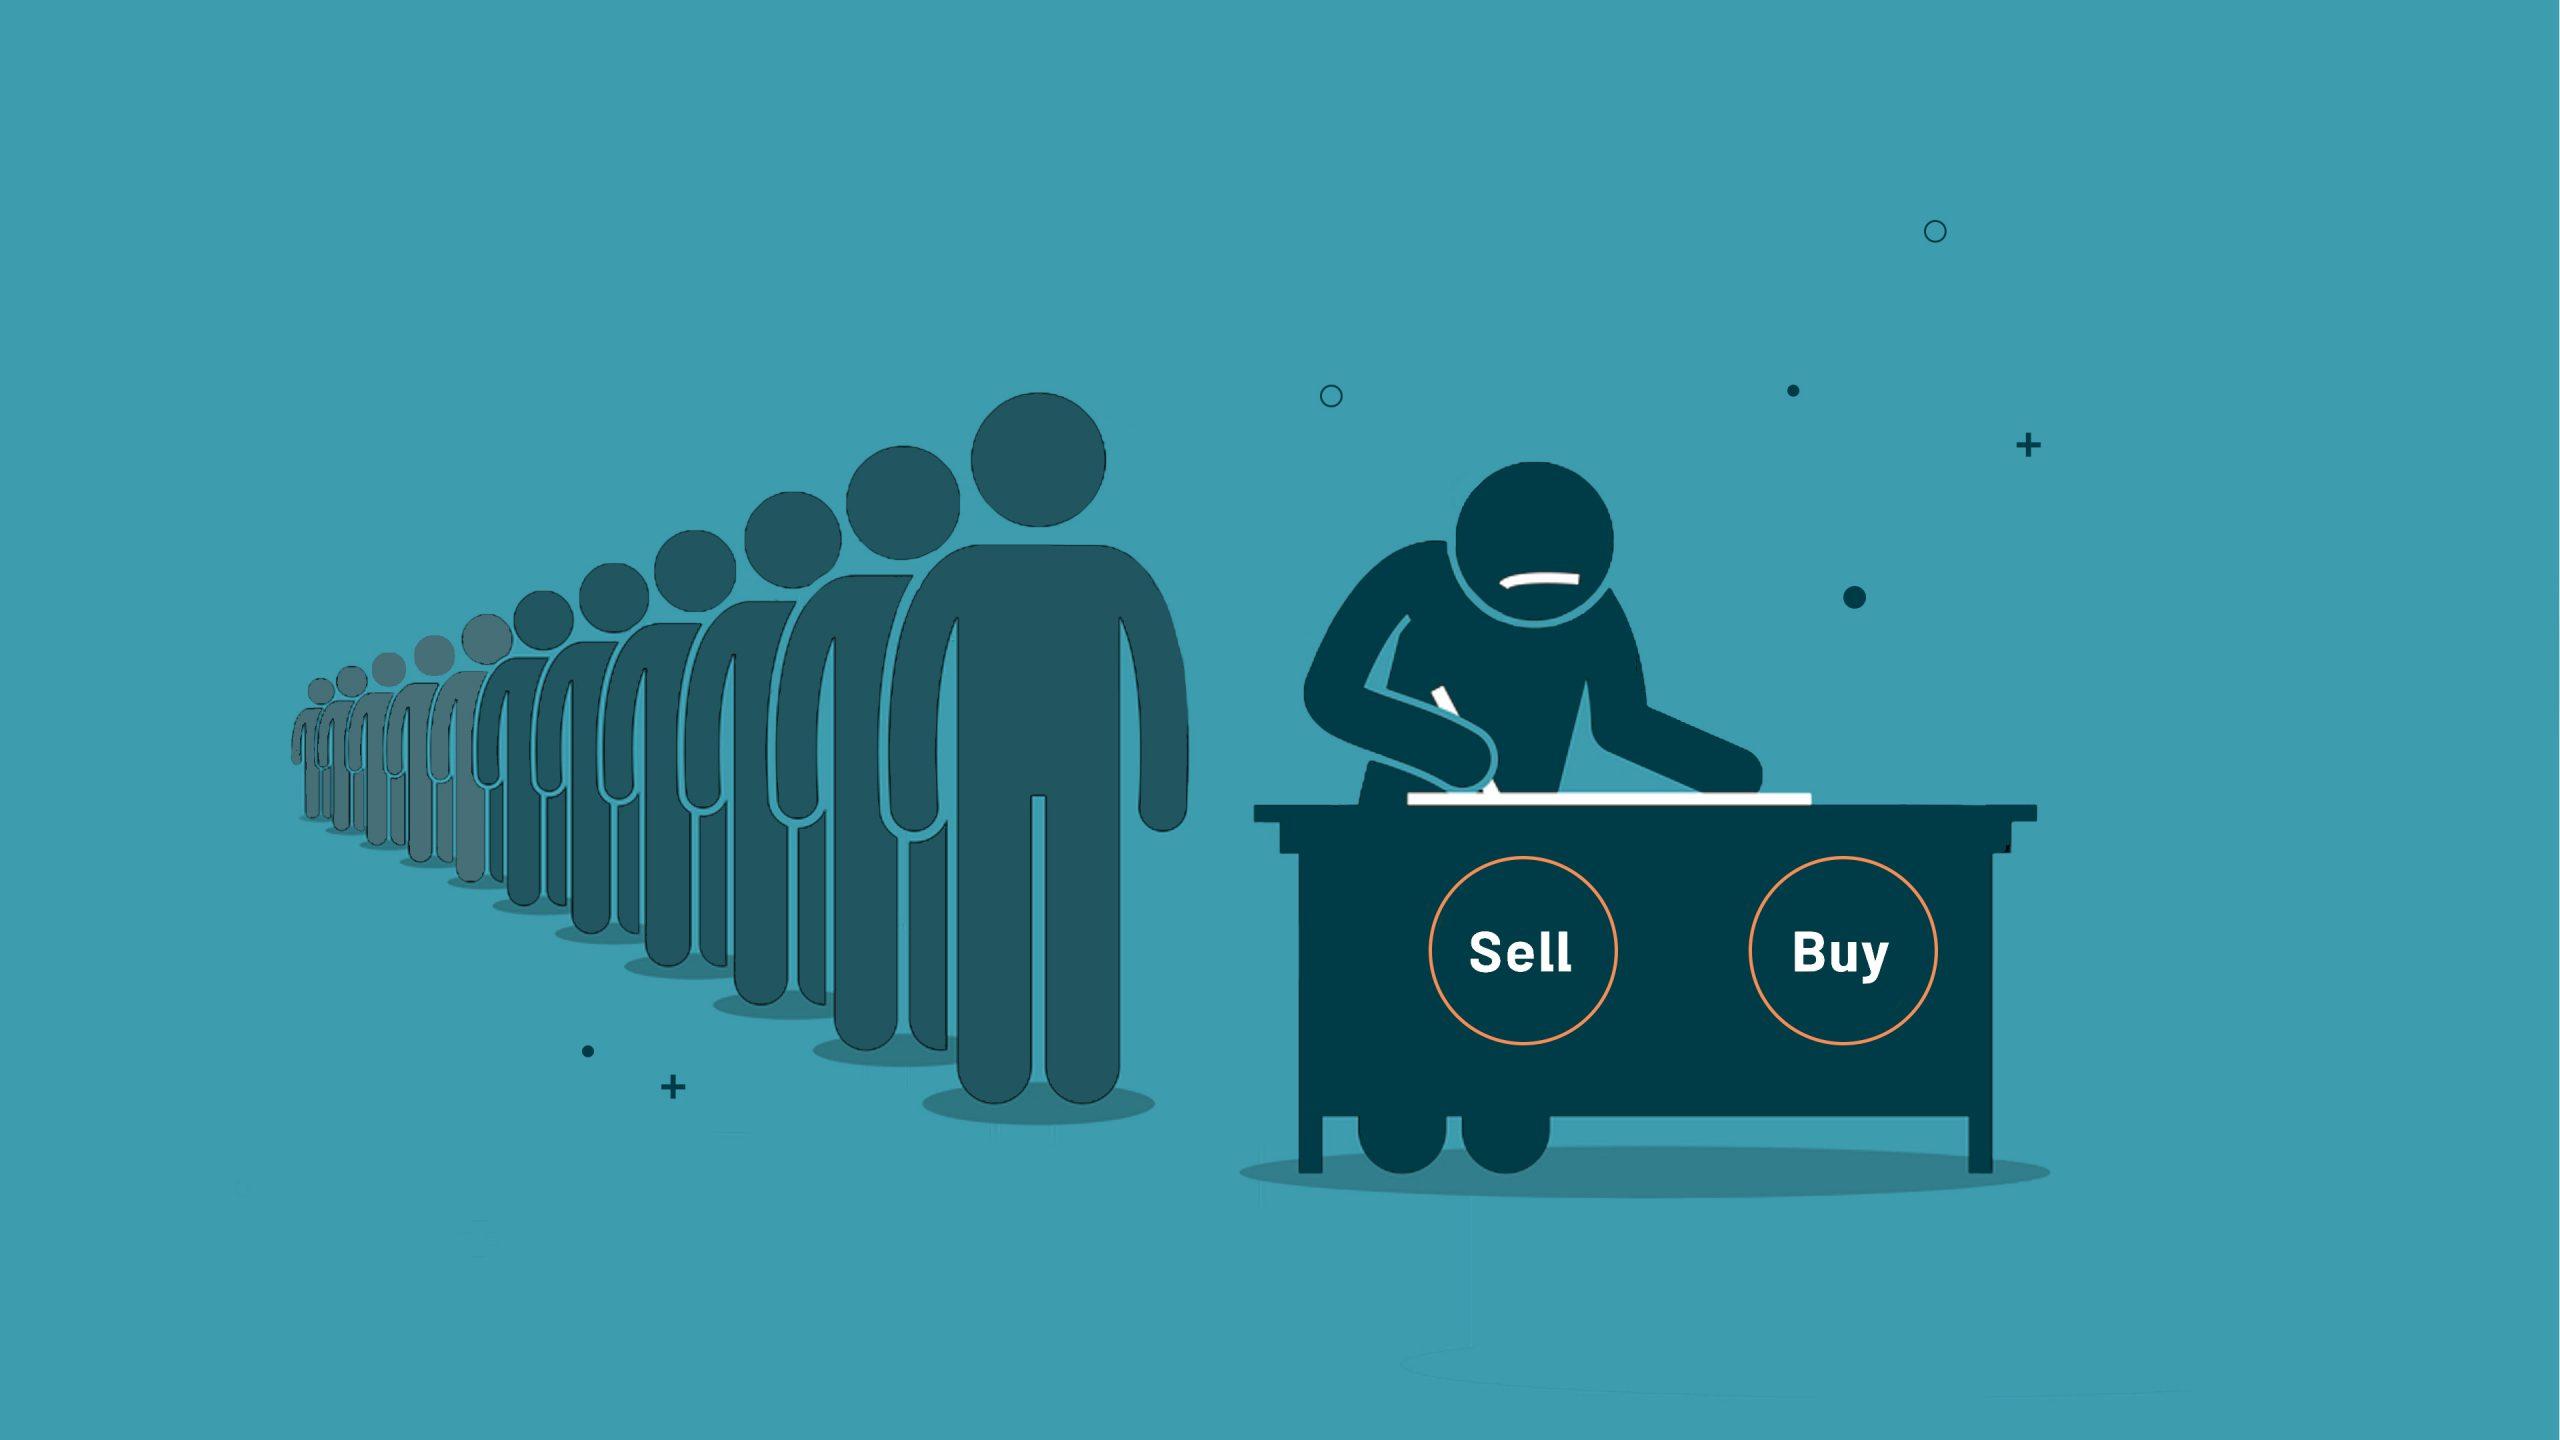 صف خرید و صف فروش چیست؟